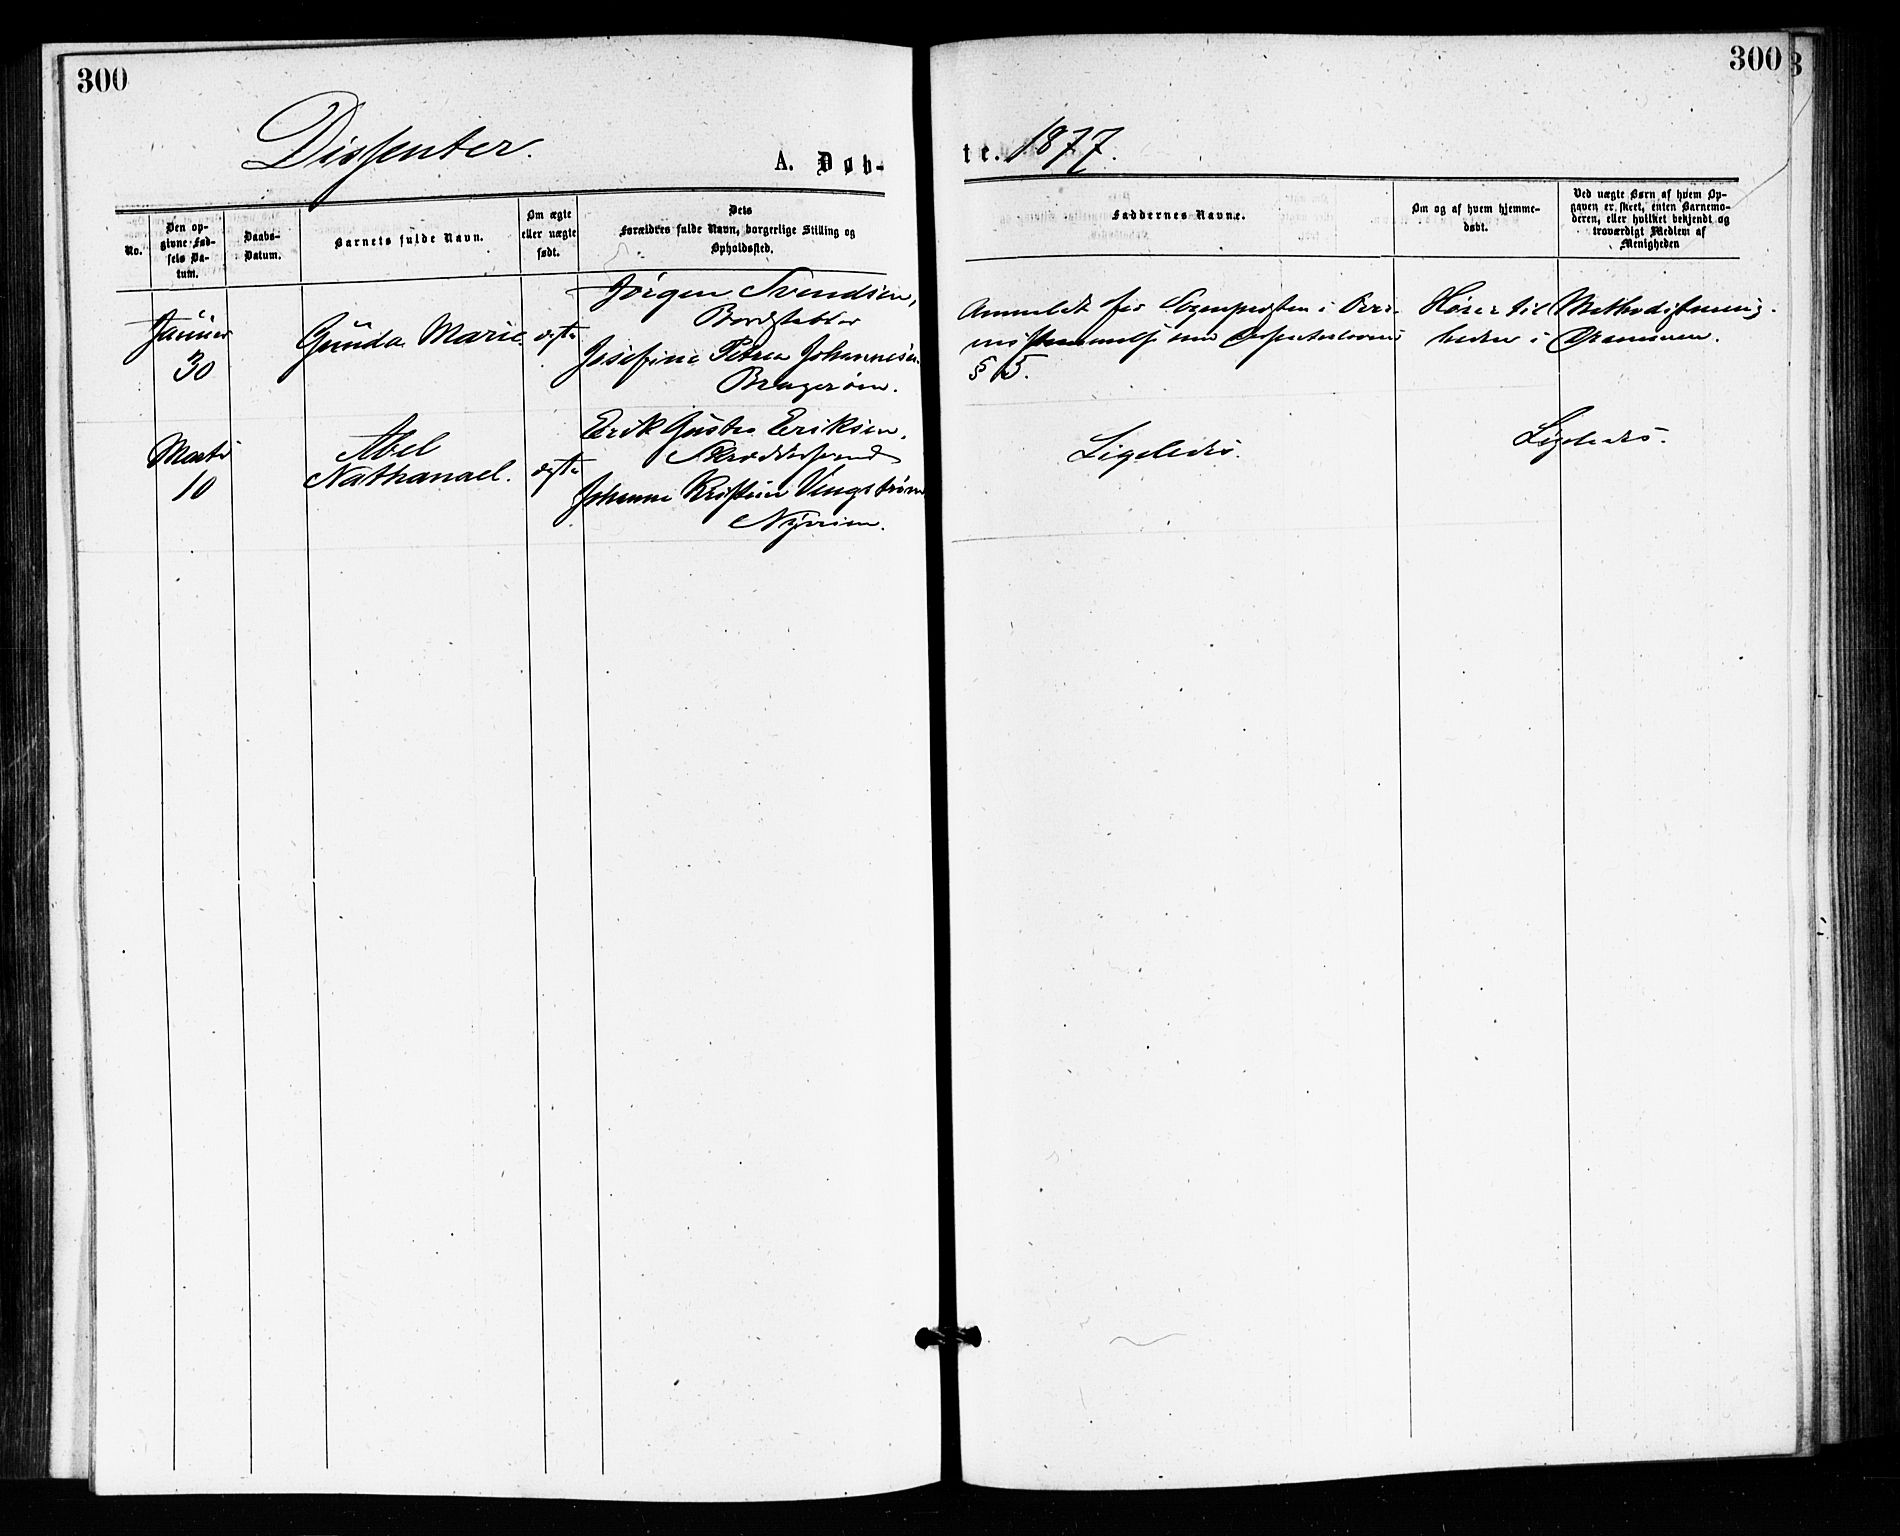 SAKO, Bragernes kirkebøker, F/Fb/L0005: Ministerialbok nr. II 5, 1875-1877, s. 300